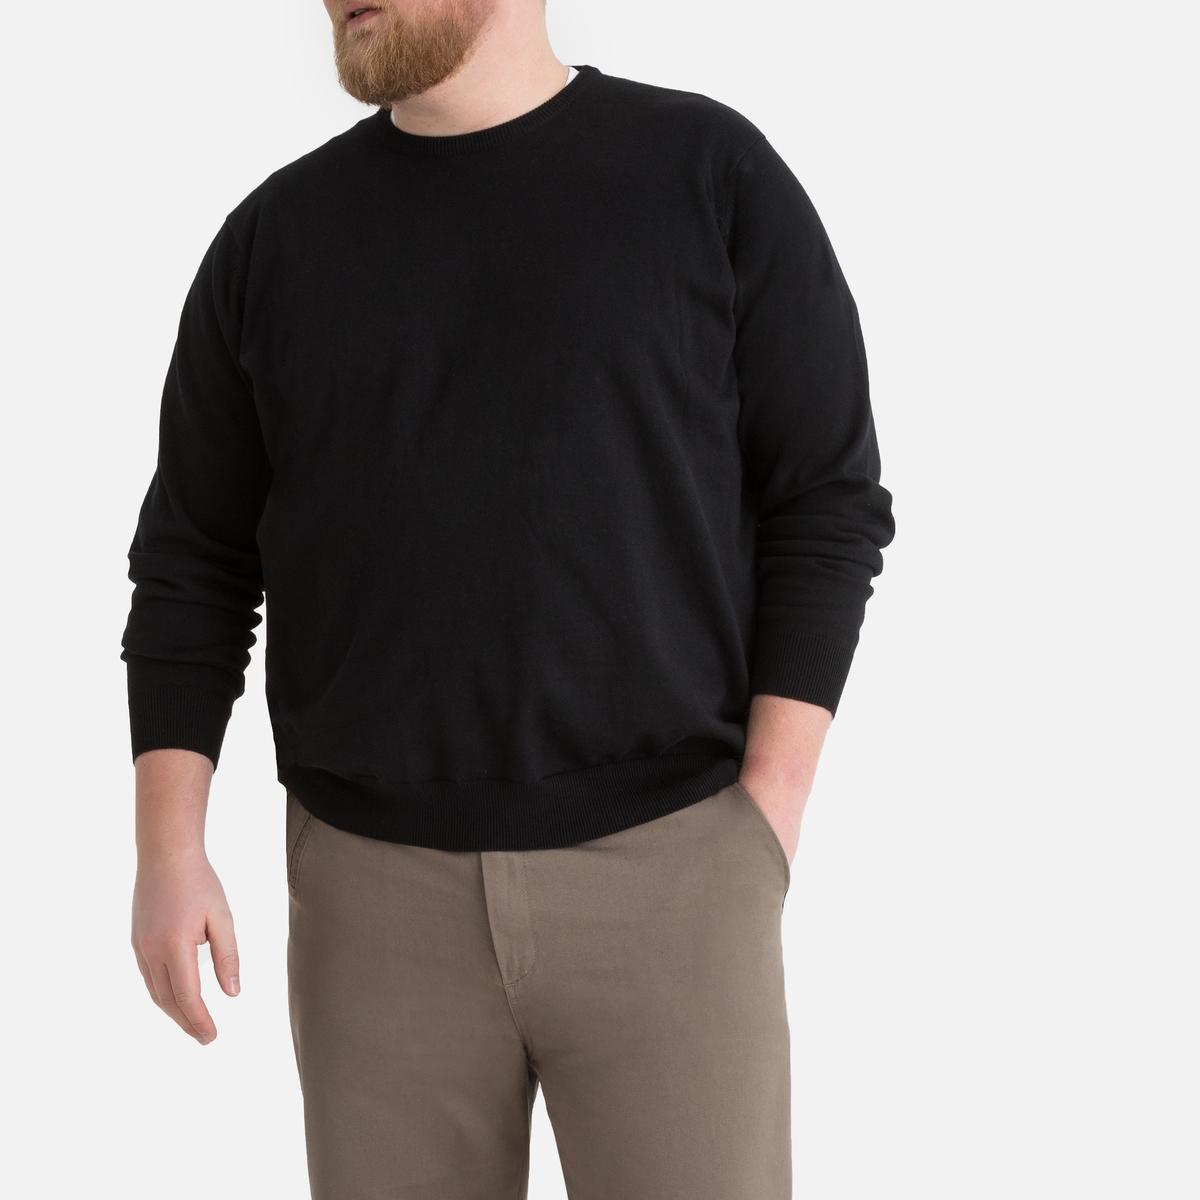 Camisola de gola redonda, tamanho grande, em algodão